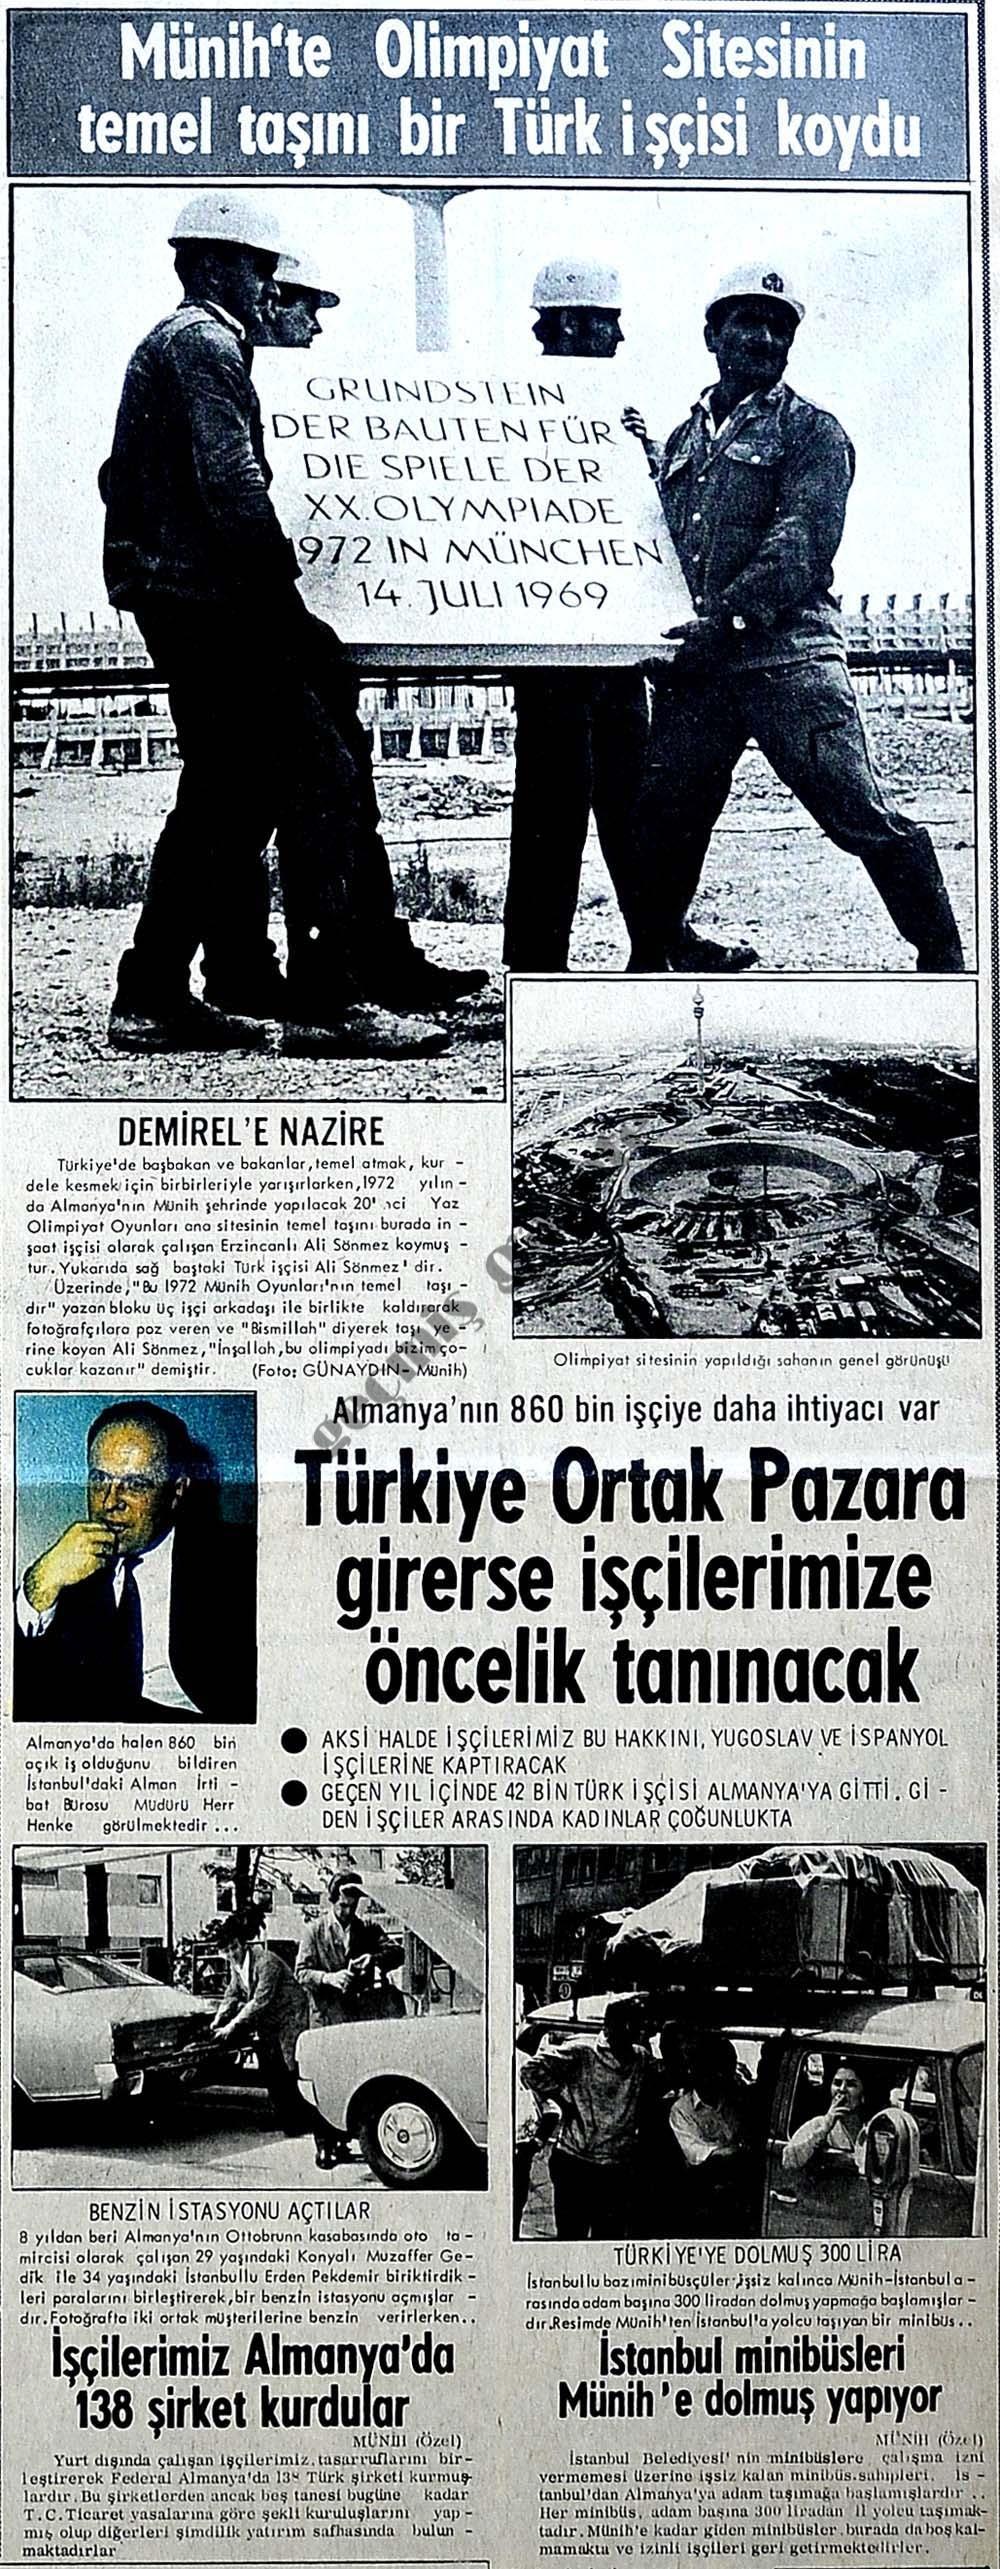 Münih'te Olimpiyat Sitesinin temel taşını bir Türk işçisi koydu